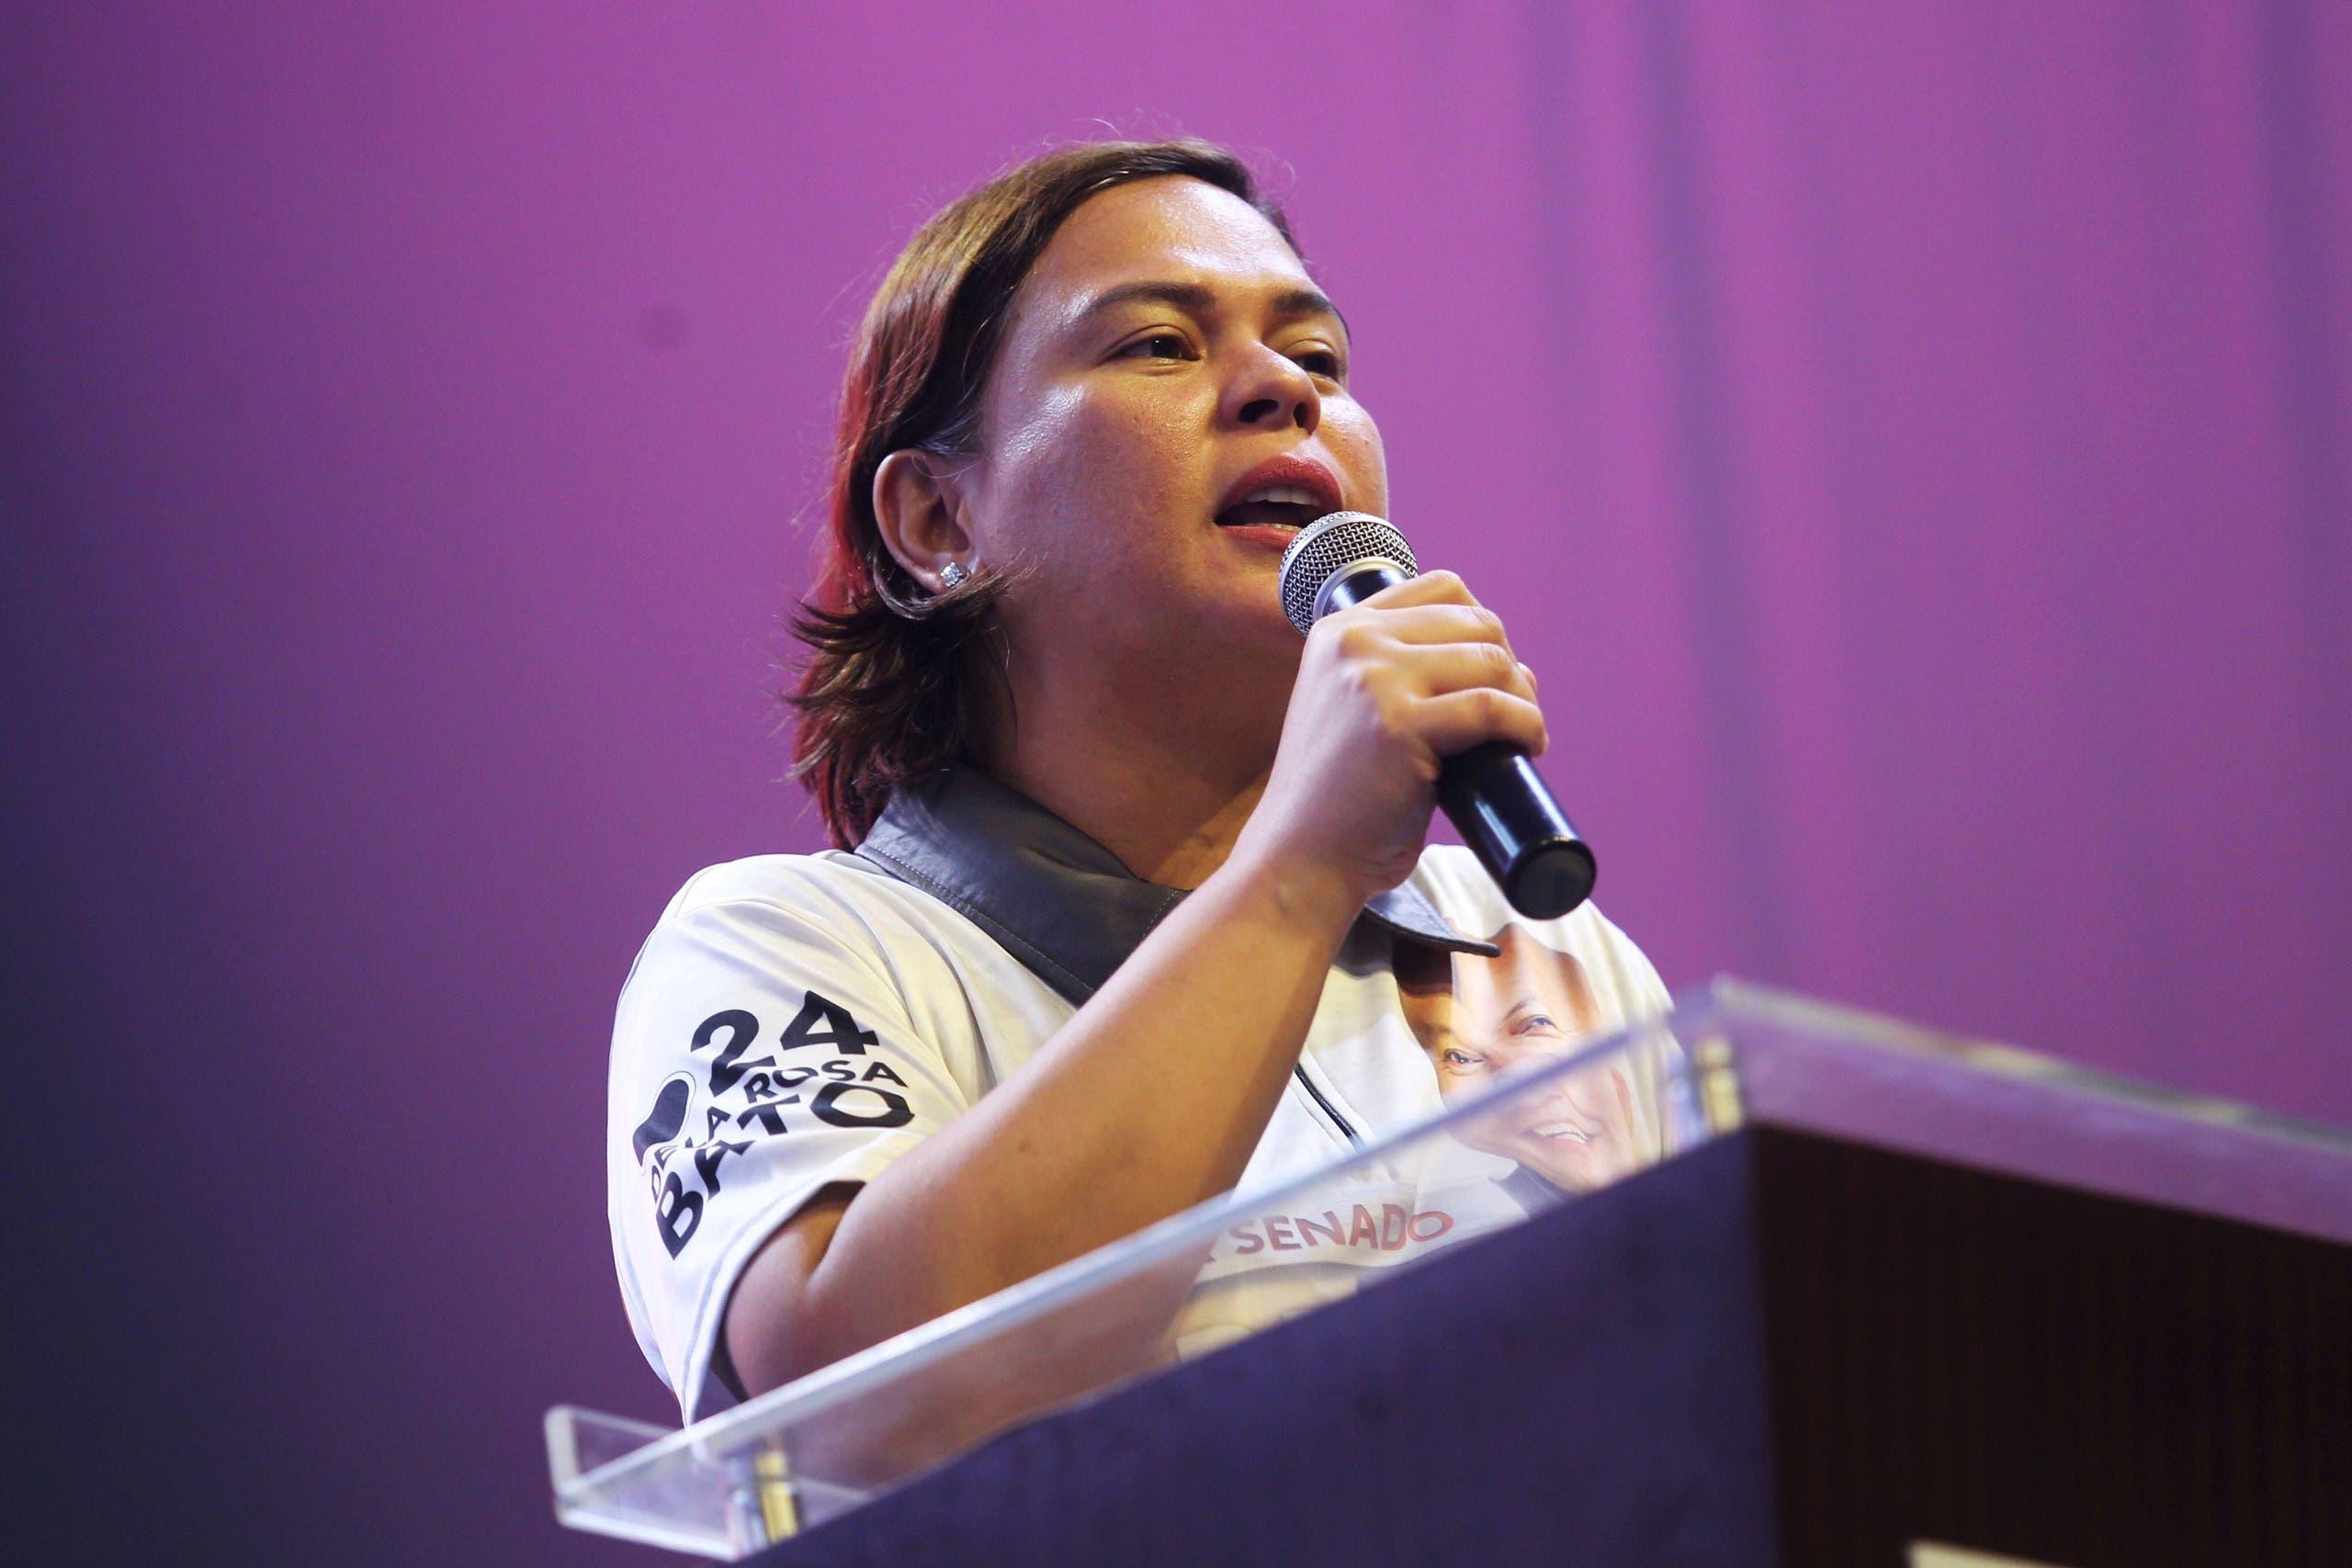 سارة دوتيرتي كاربيو  خلال مؤتمر سياسي محلي في 2019